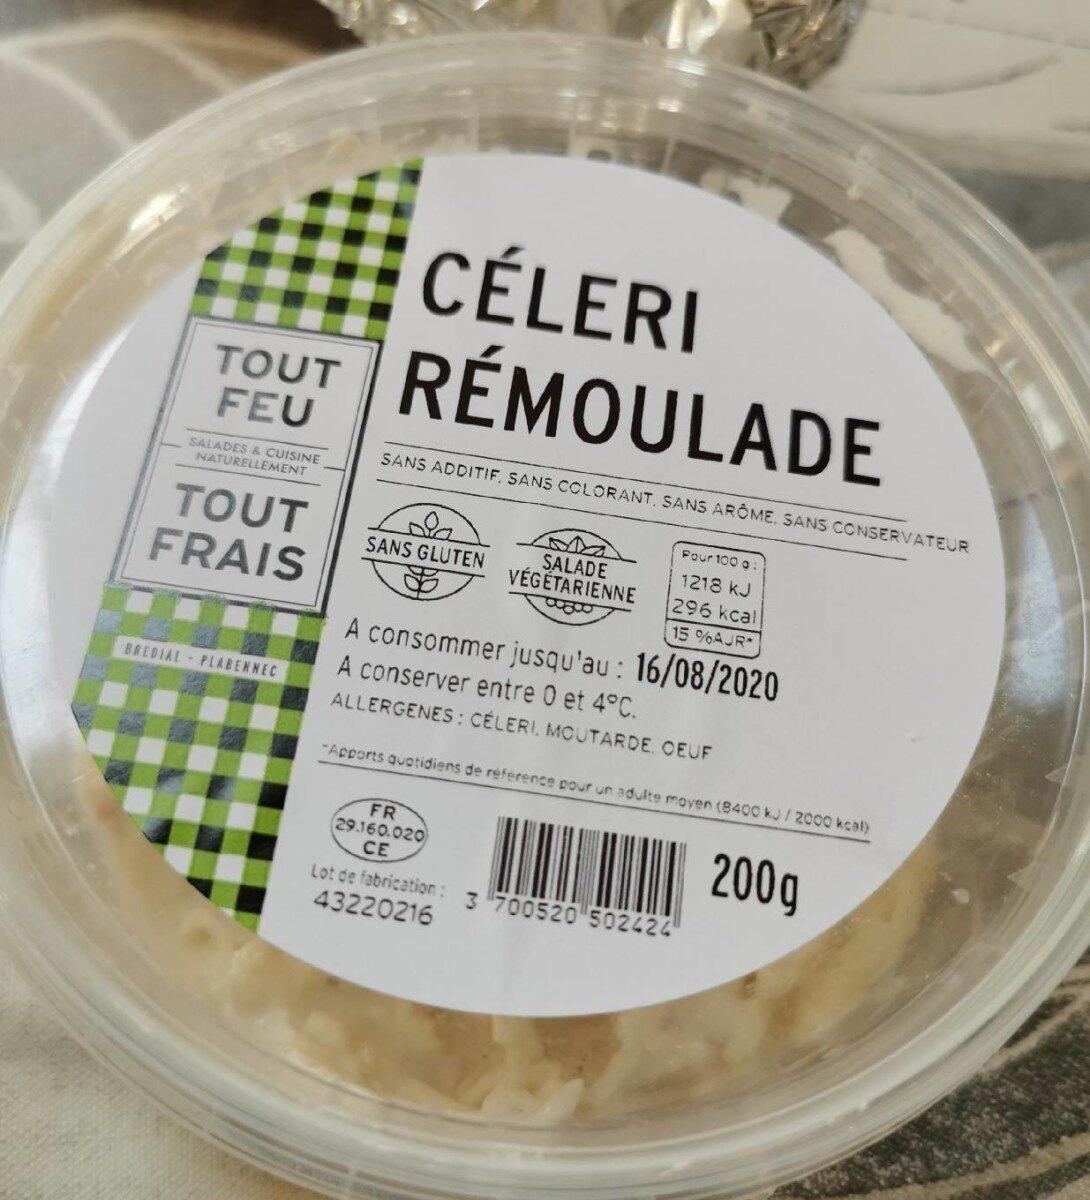 Céleri rémoulade - Prodotto - fr